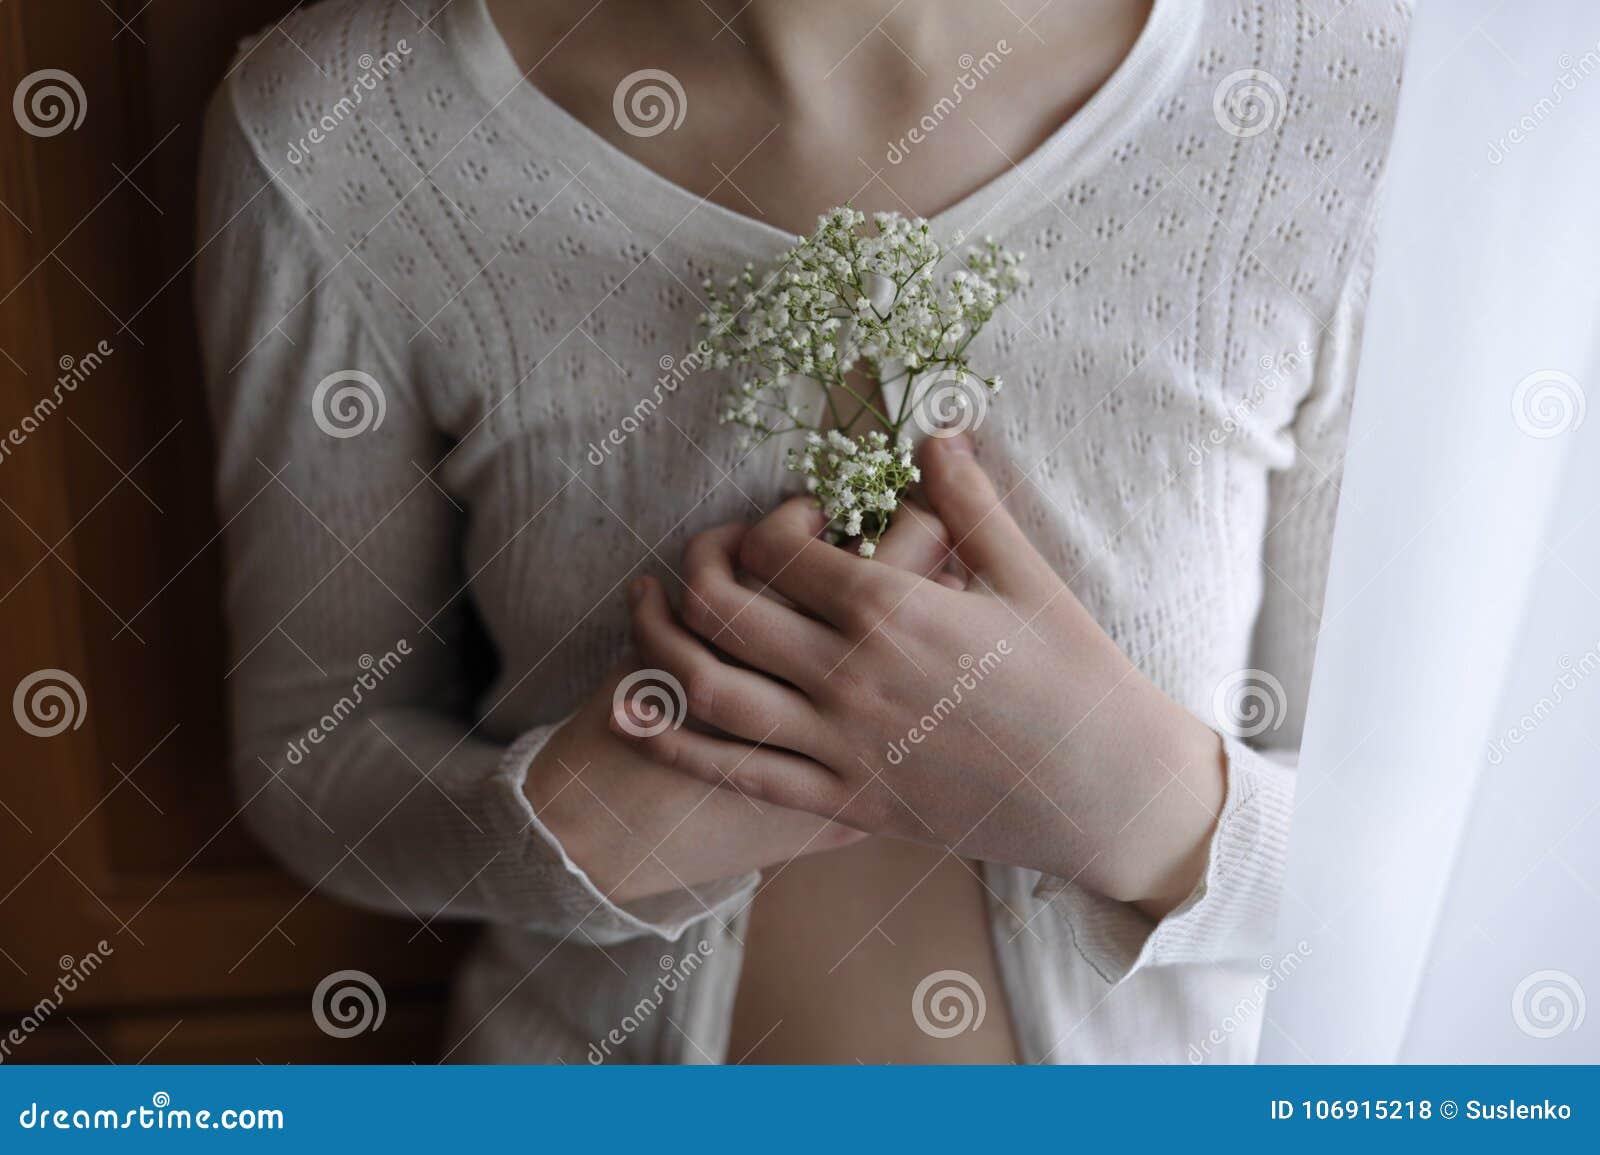 Zakończenie dziewczyna trzyma białej małej kwiat łyszczec w białej rocznik bluzce pojęcie rocznik